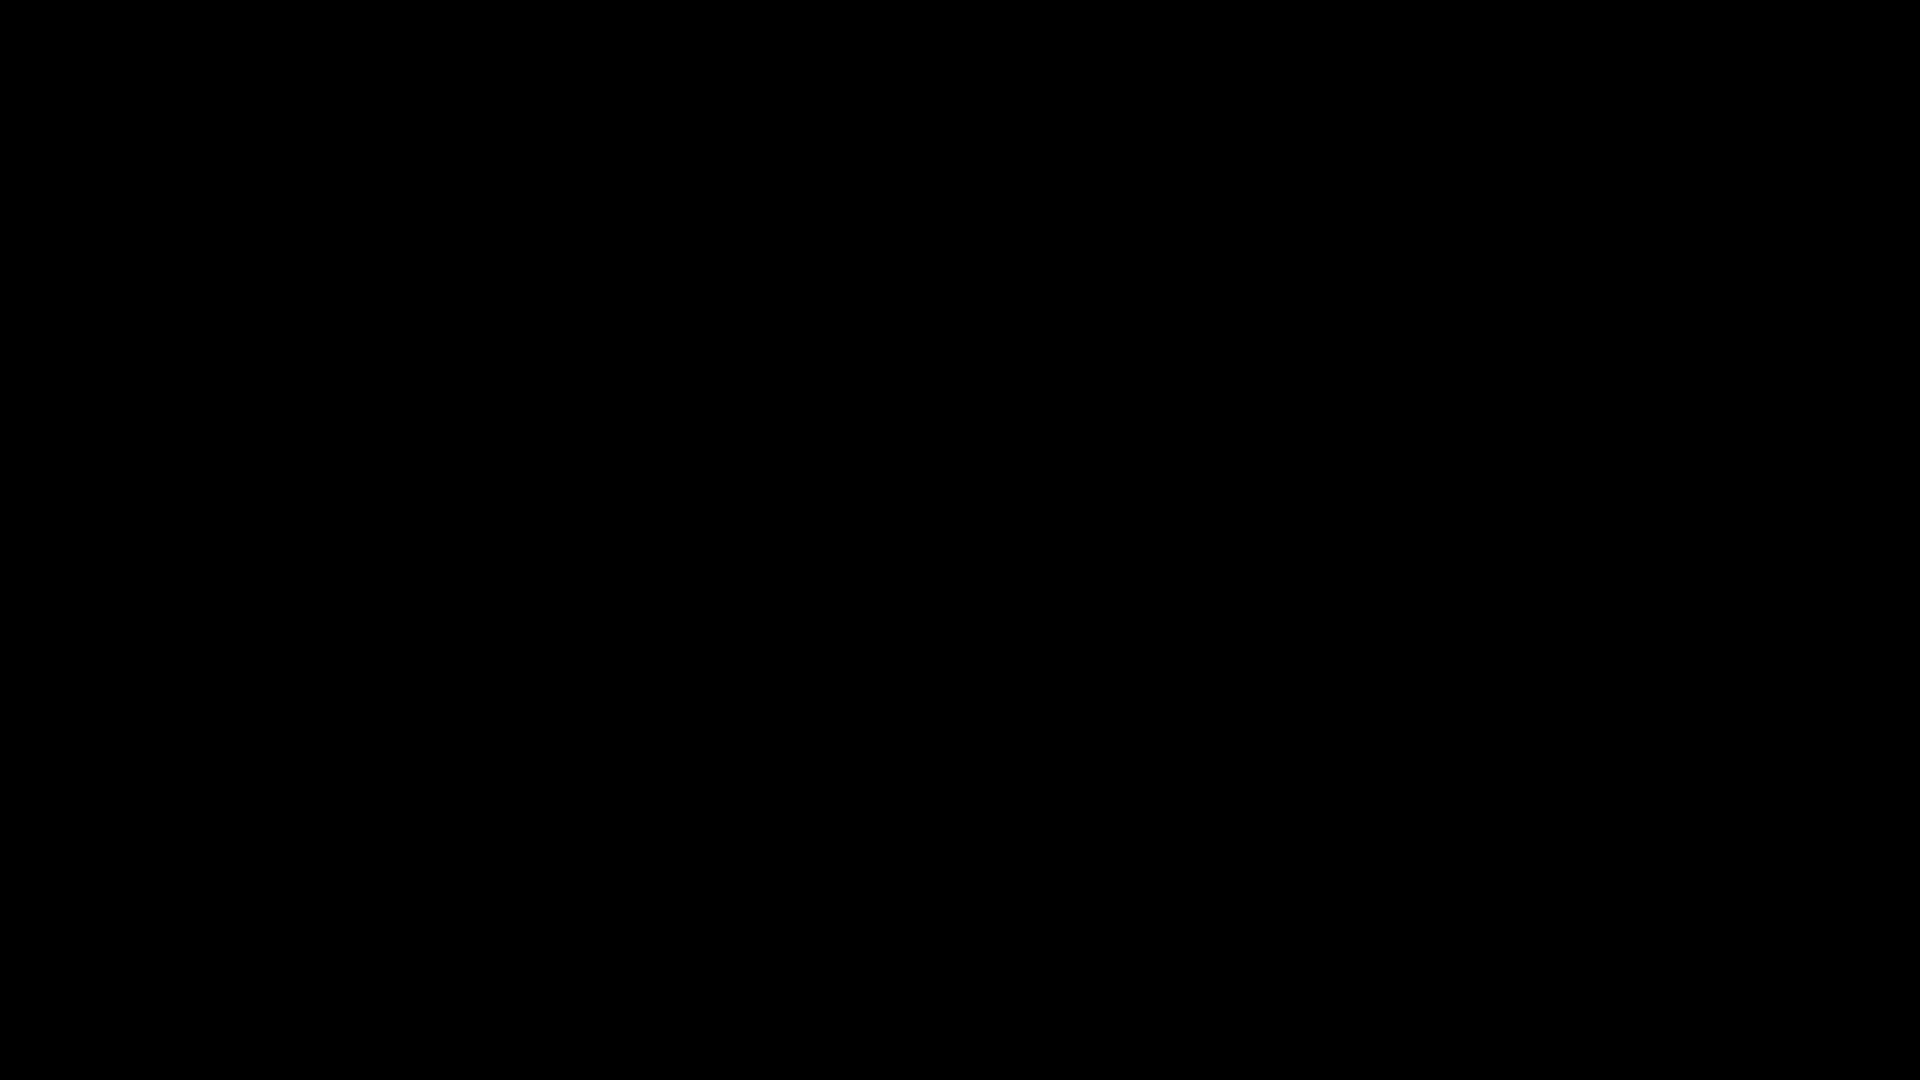 高画質露天女風呂観察 vol.032 望遠 アダルト動画キャプチャ 98枚 13